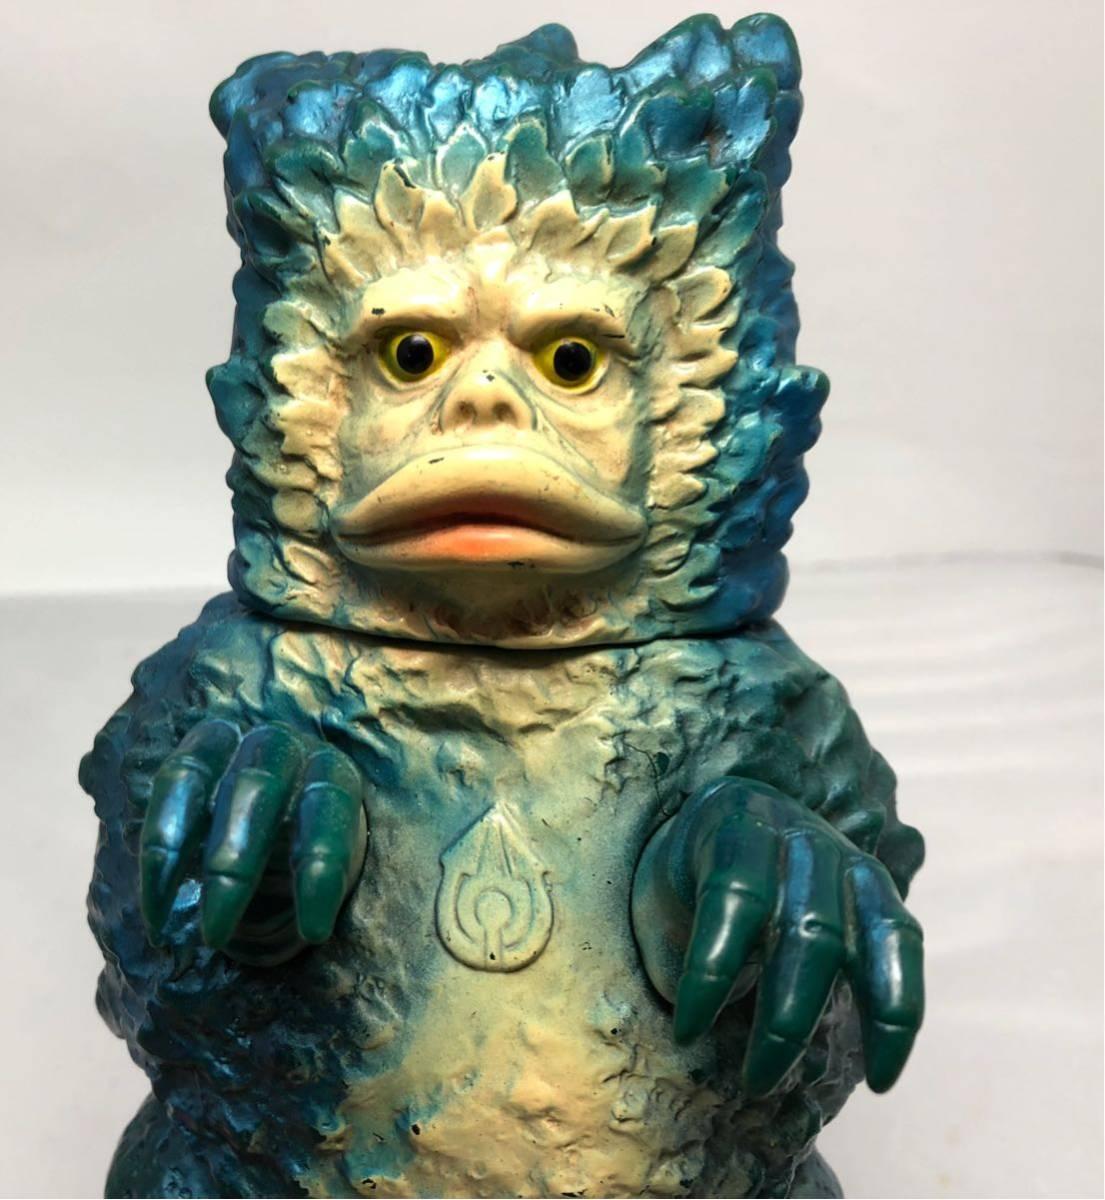 激レア マルサン 希少ブルーメタリック 第2期 ガラモン 当時物 年代物 怪獣 ウルトラマン ソフビ 良品 1966_画像3